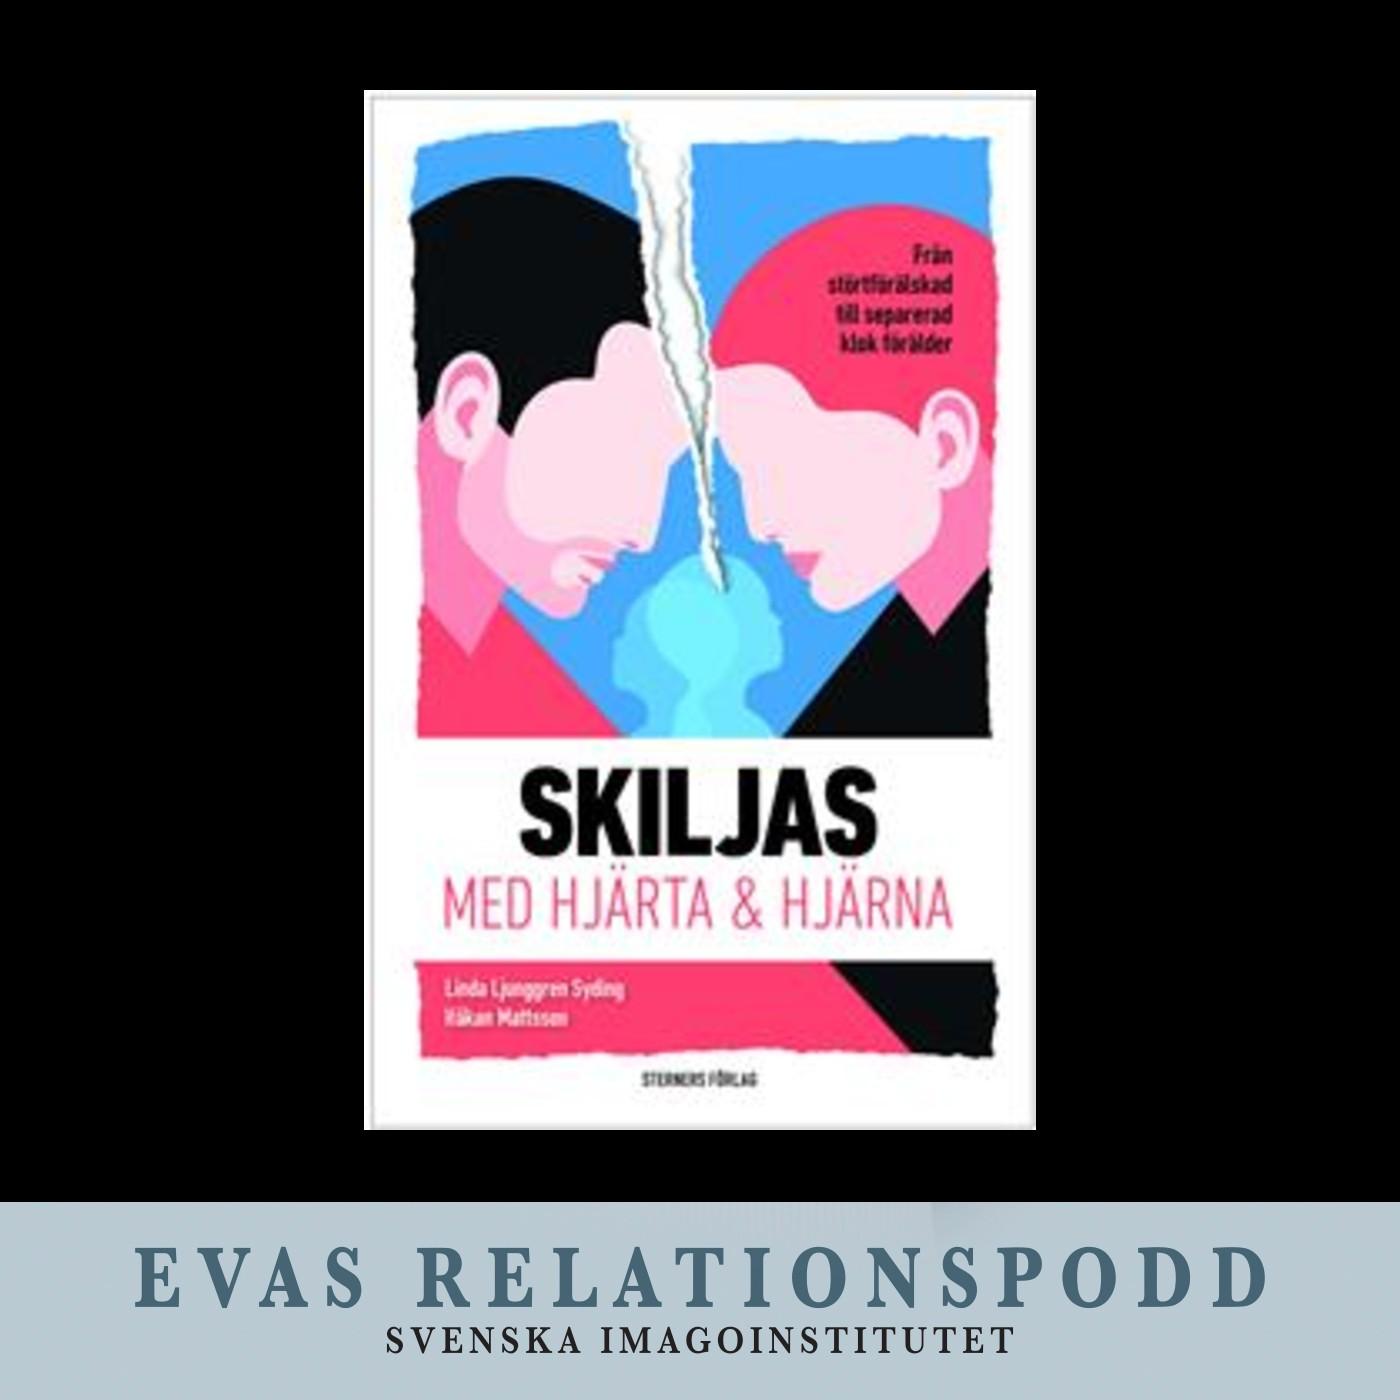 #113 – Eva möter familjejuristen Linda Ljunggren Syding och parterapeuten Håkan Mattson.